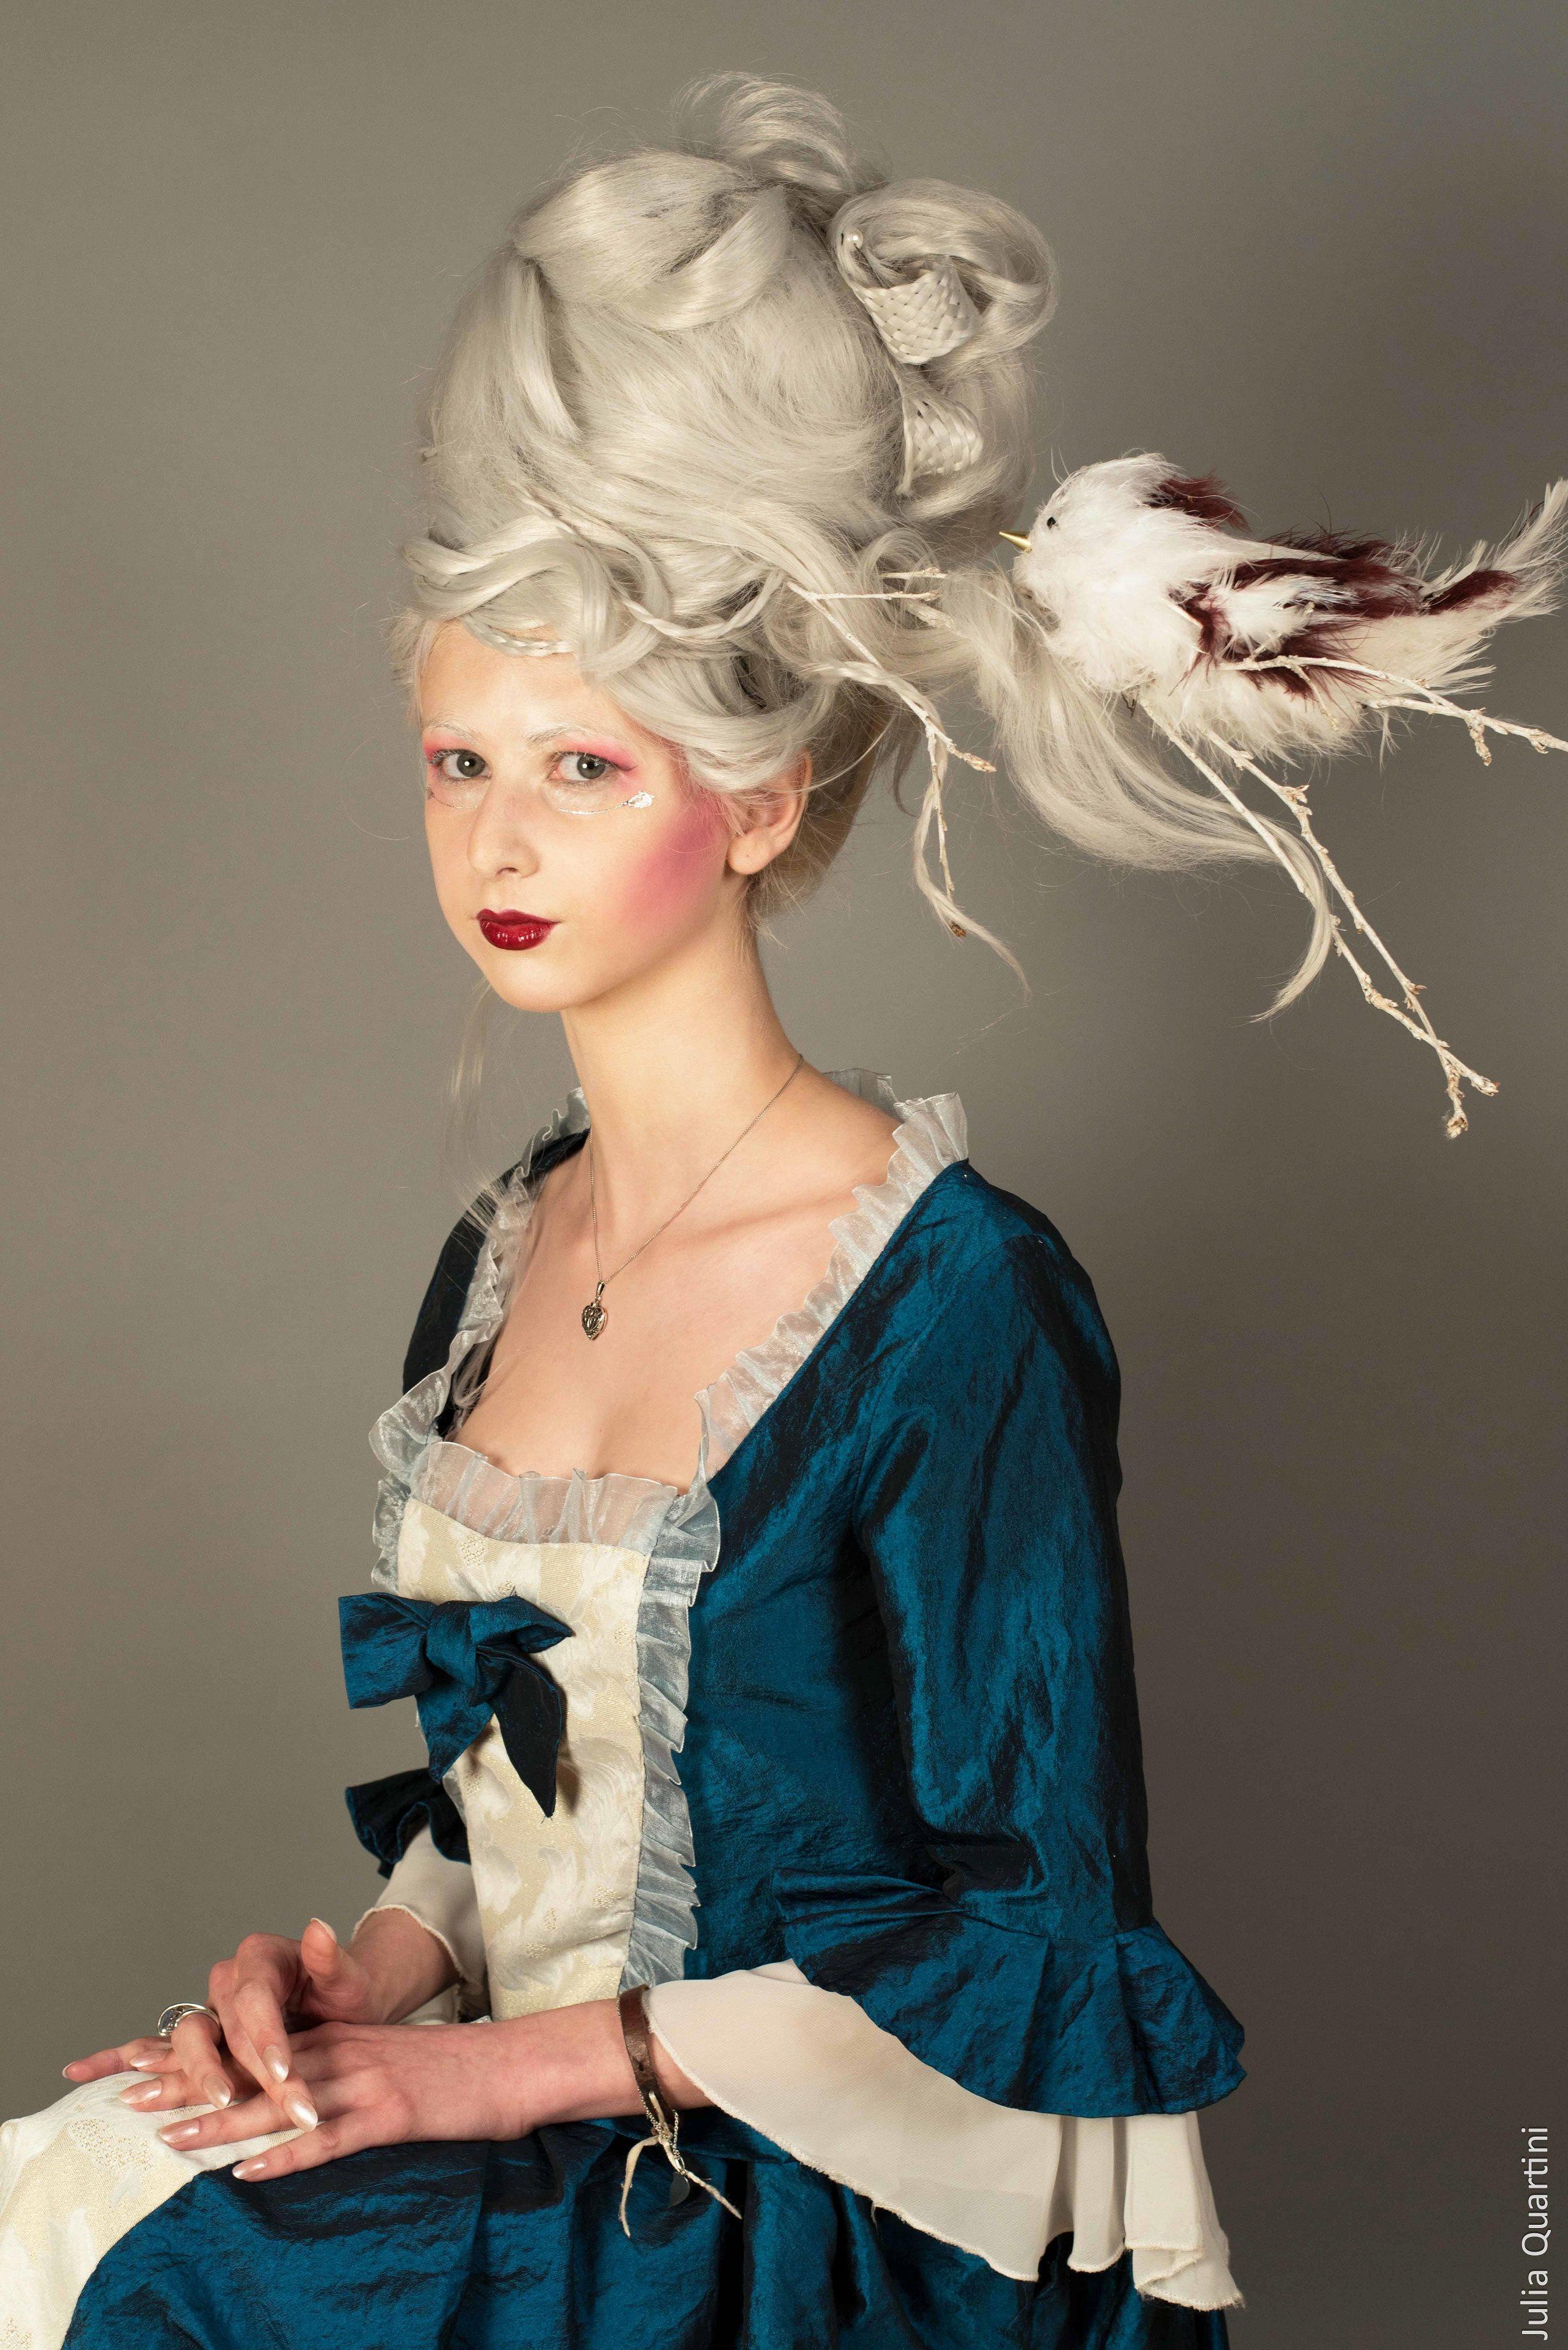 Maquillage et coiffure artistique de la Reine des neiges